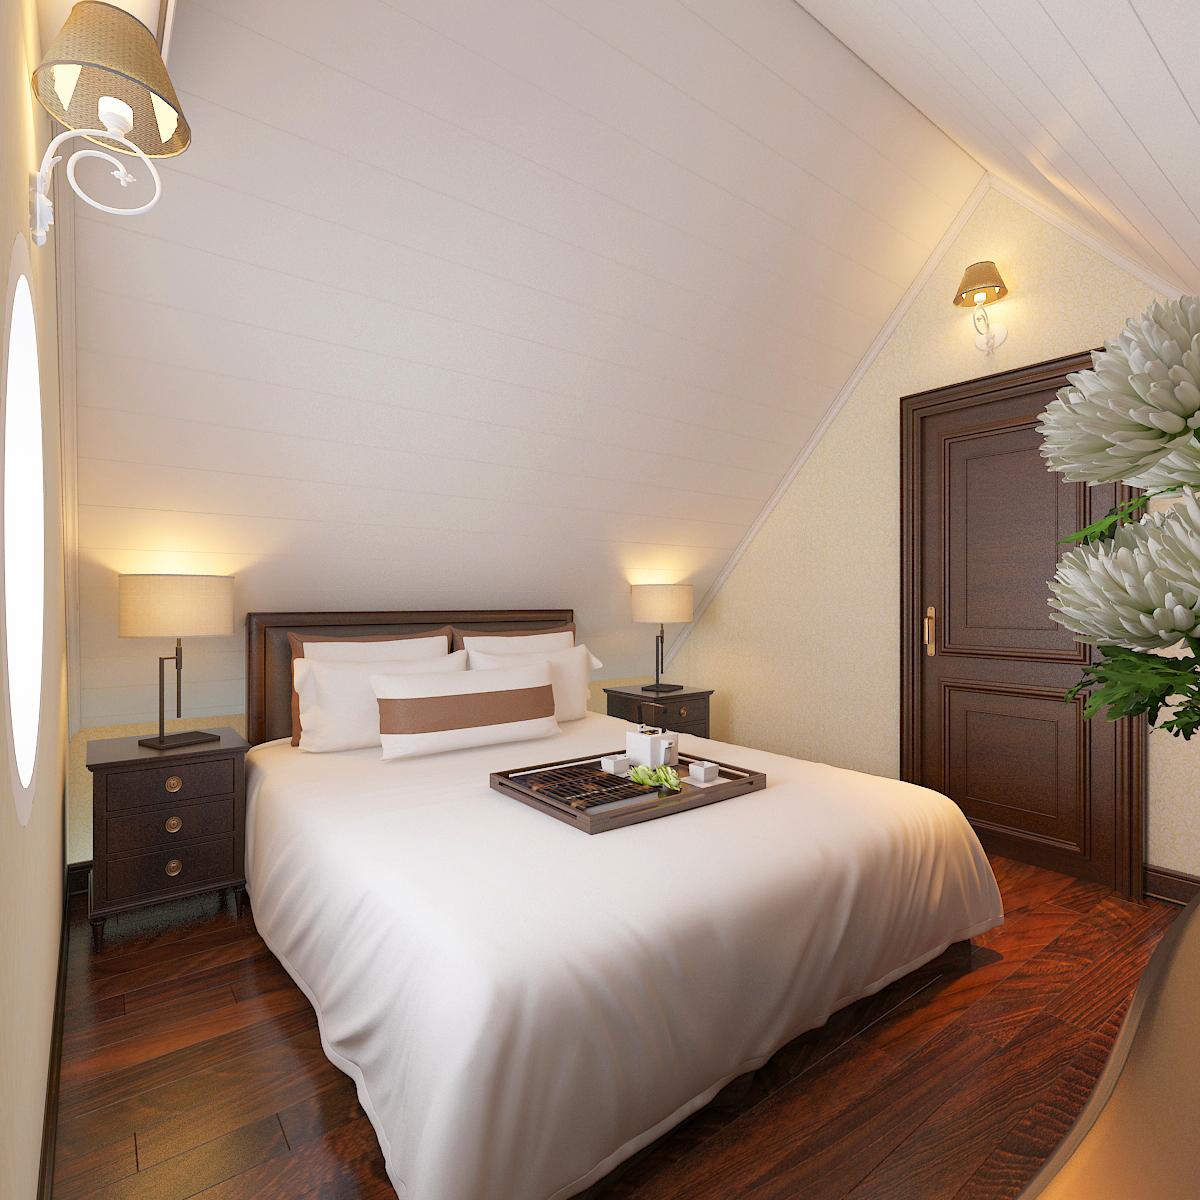 thiết kế nội thất Biệt Thự tại Hà Nội bt Vinhomes - riverside 57 1568276287